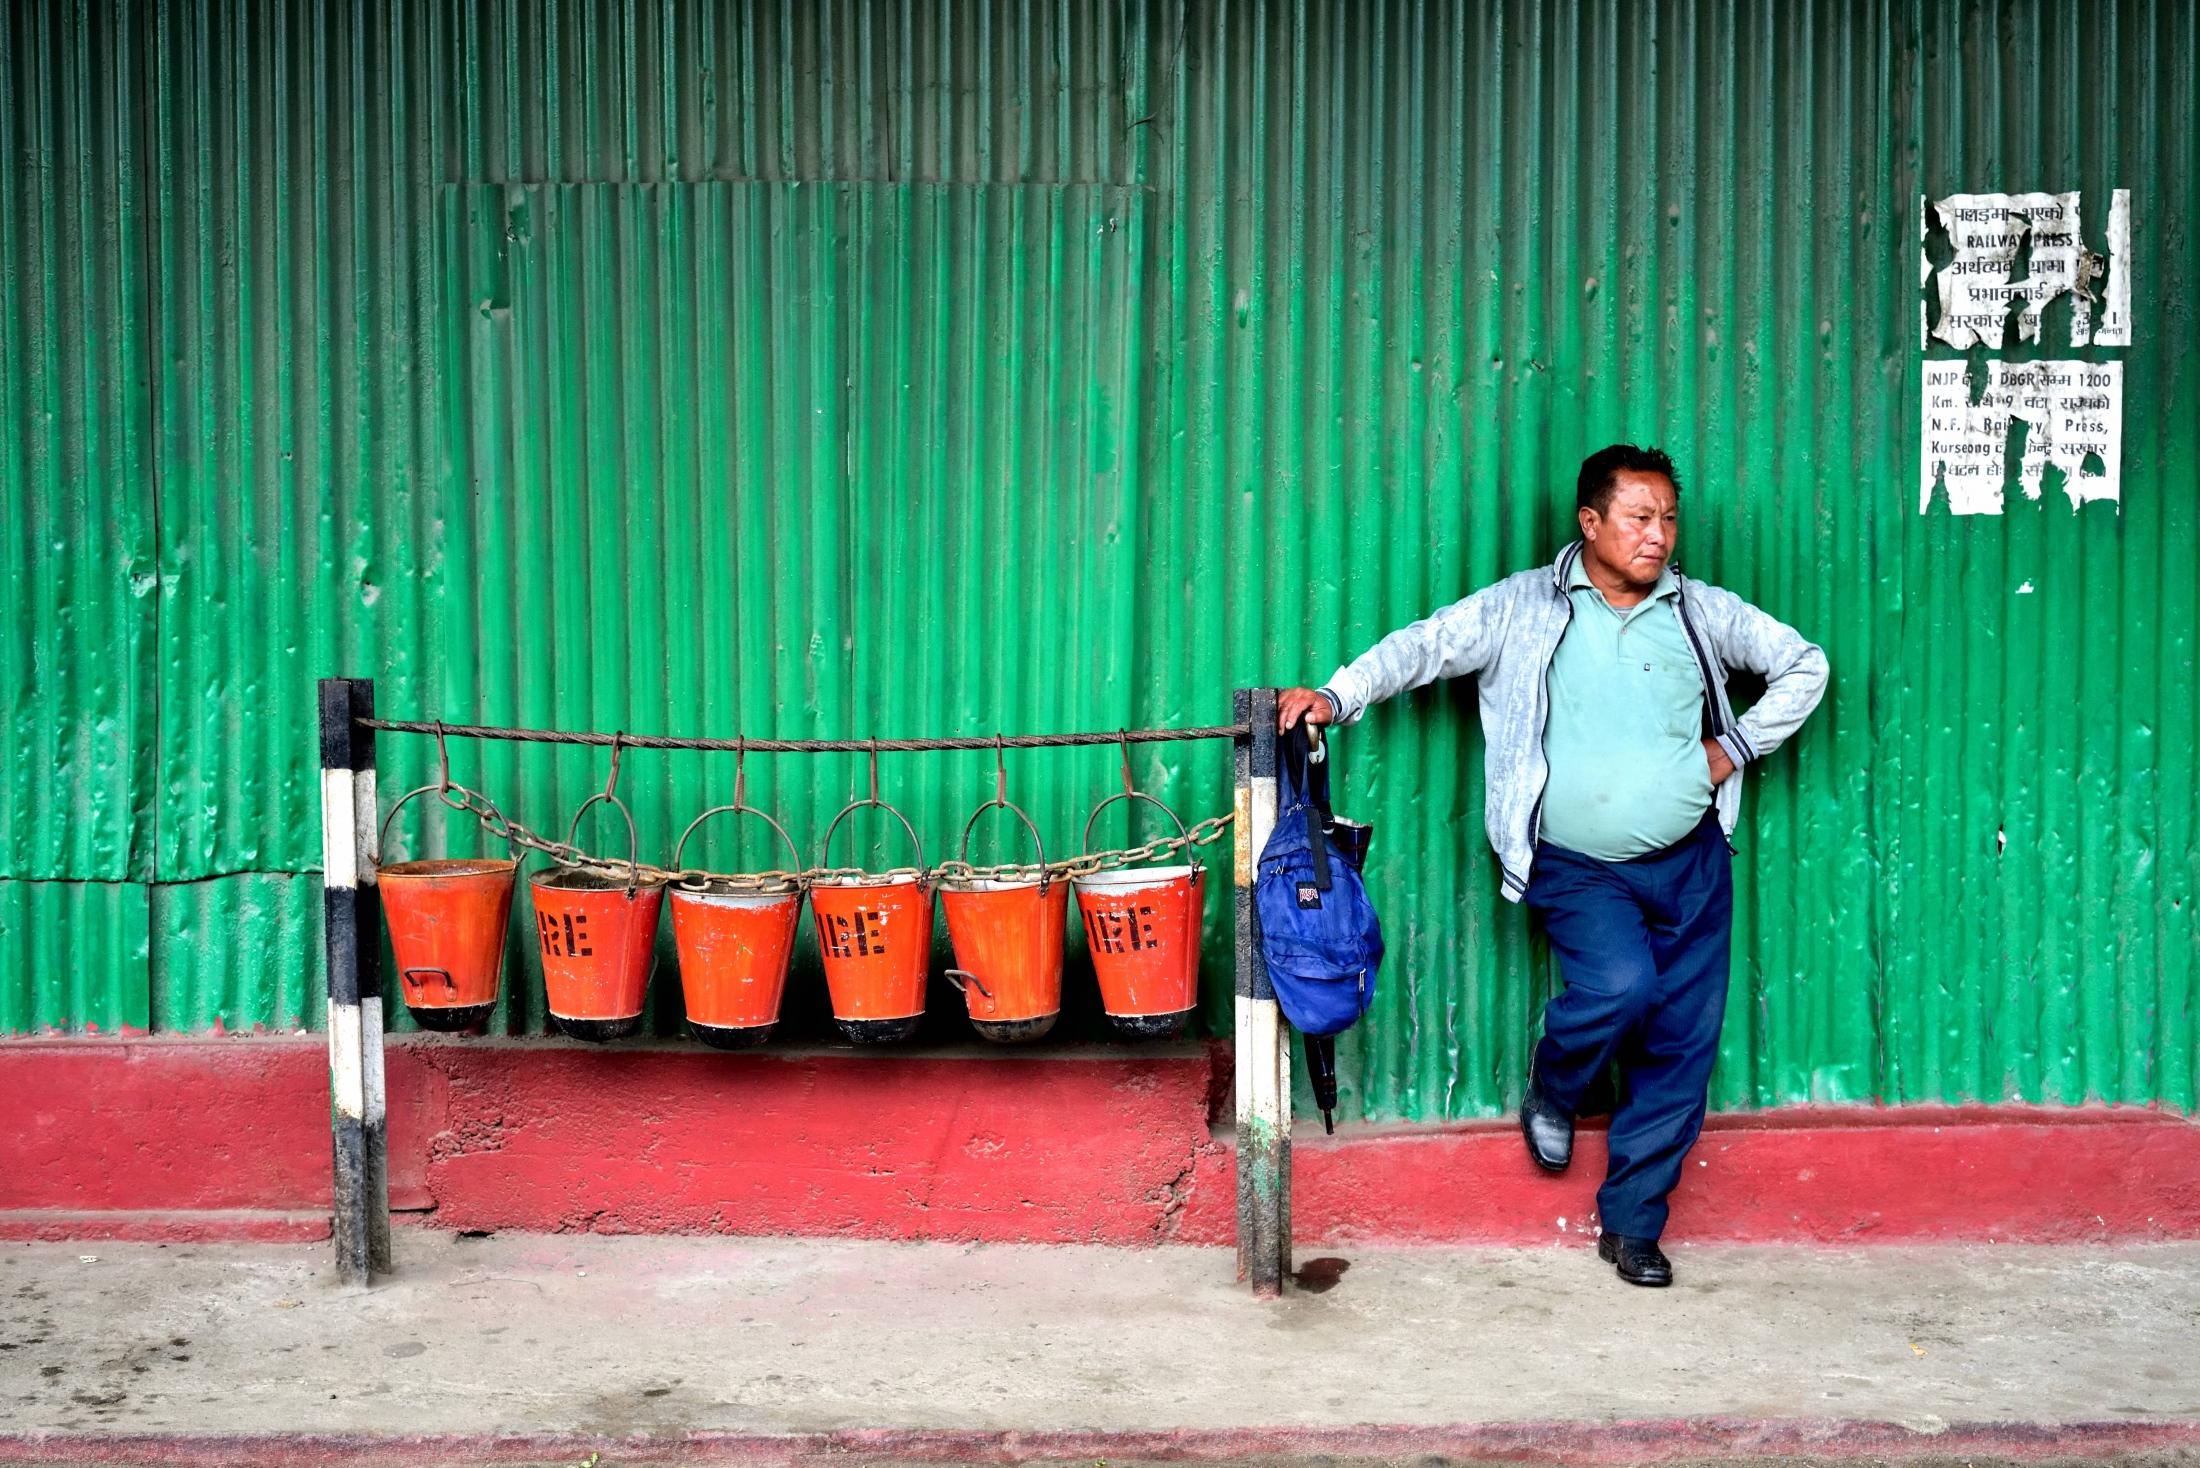 Photography image - Waiting...